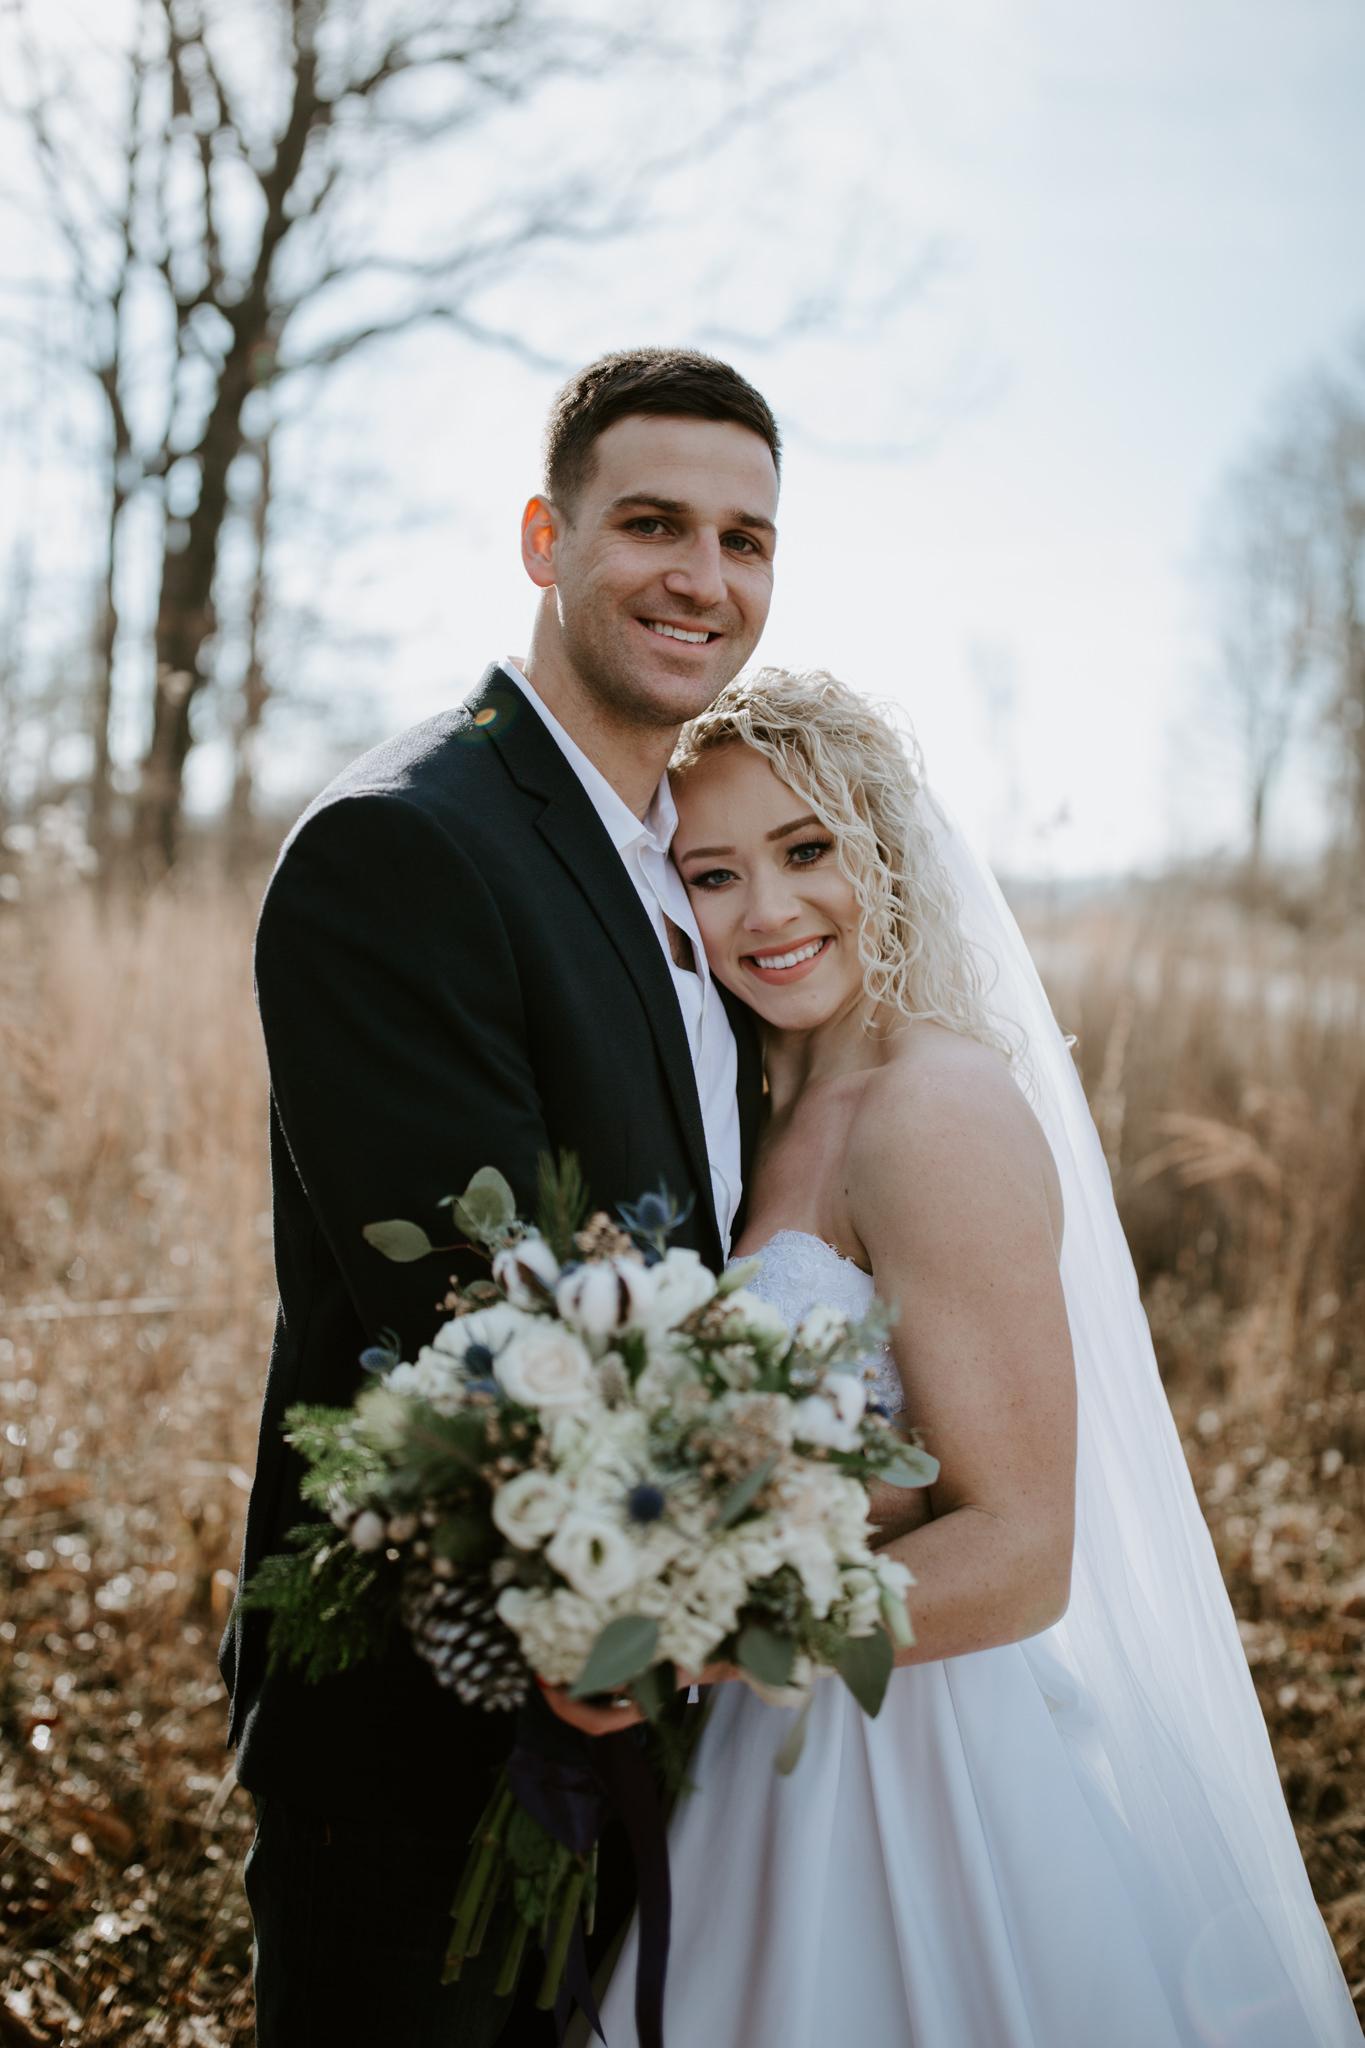 Lauren-and-Trent-Chattanooga-Nashville-Wedding-Elopement-Photographer-51.jpg